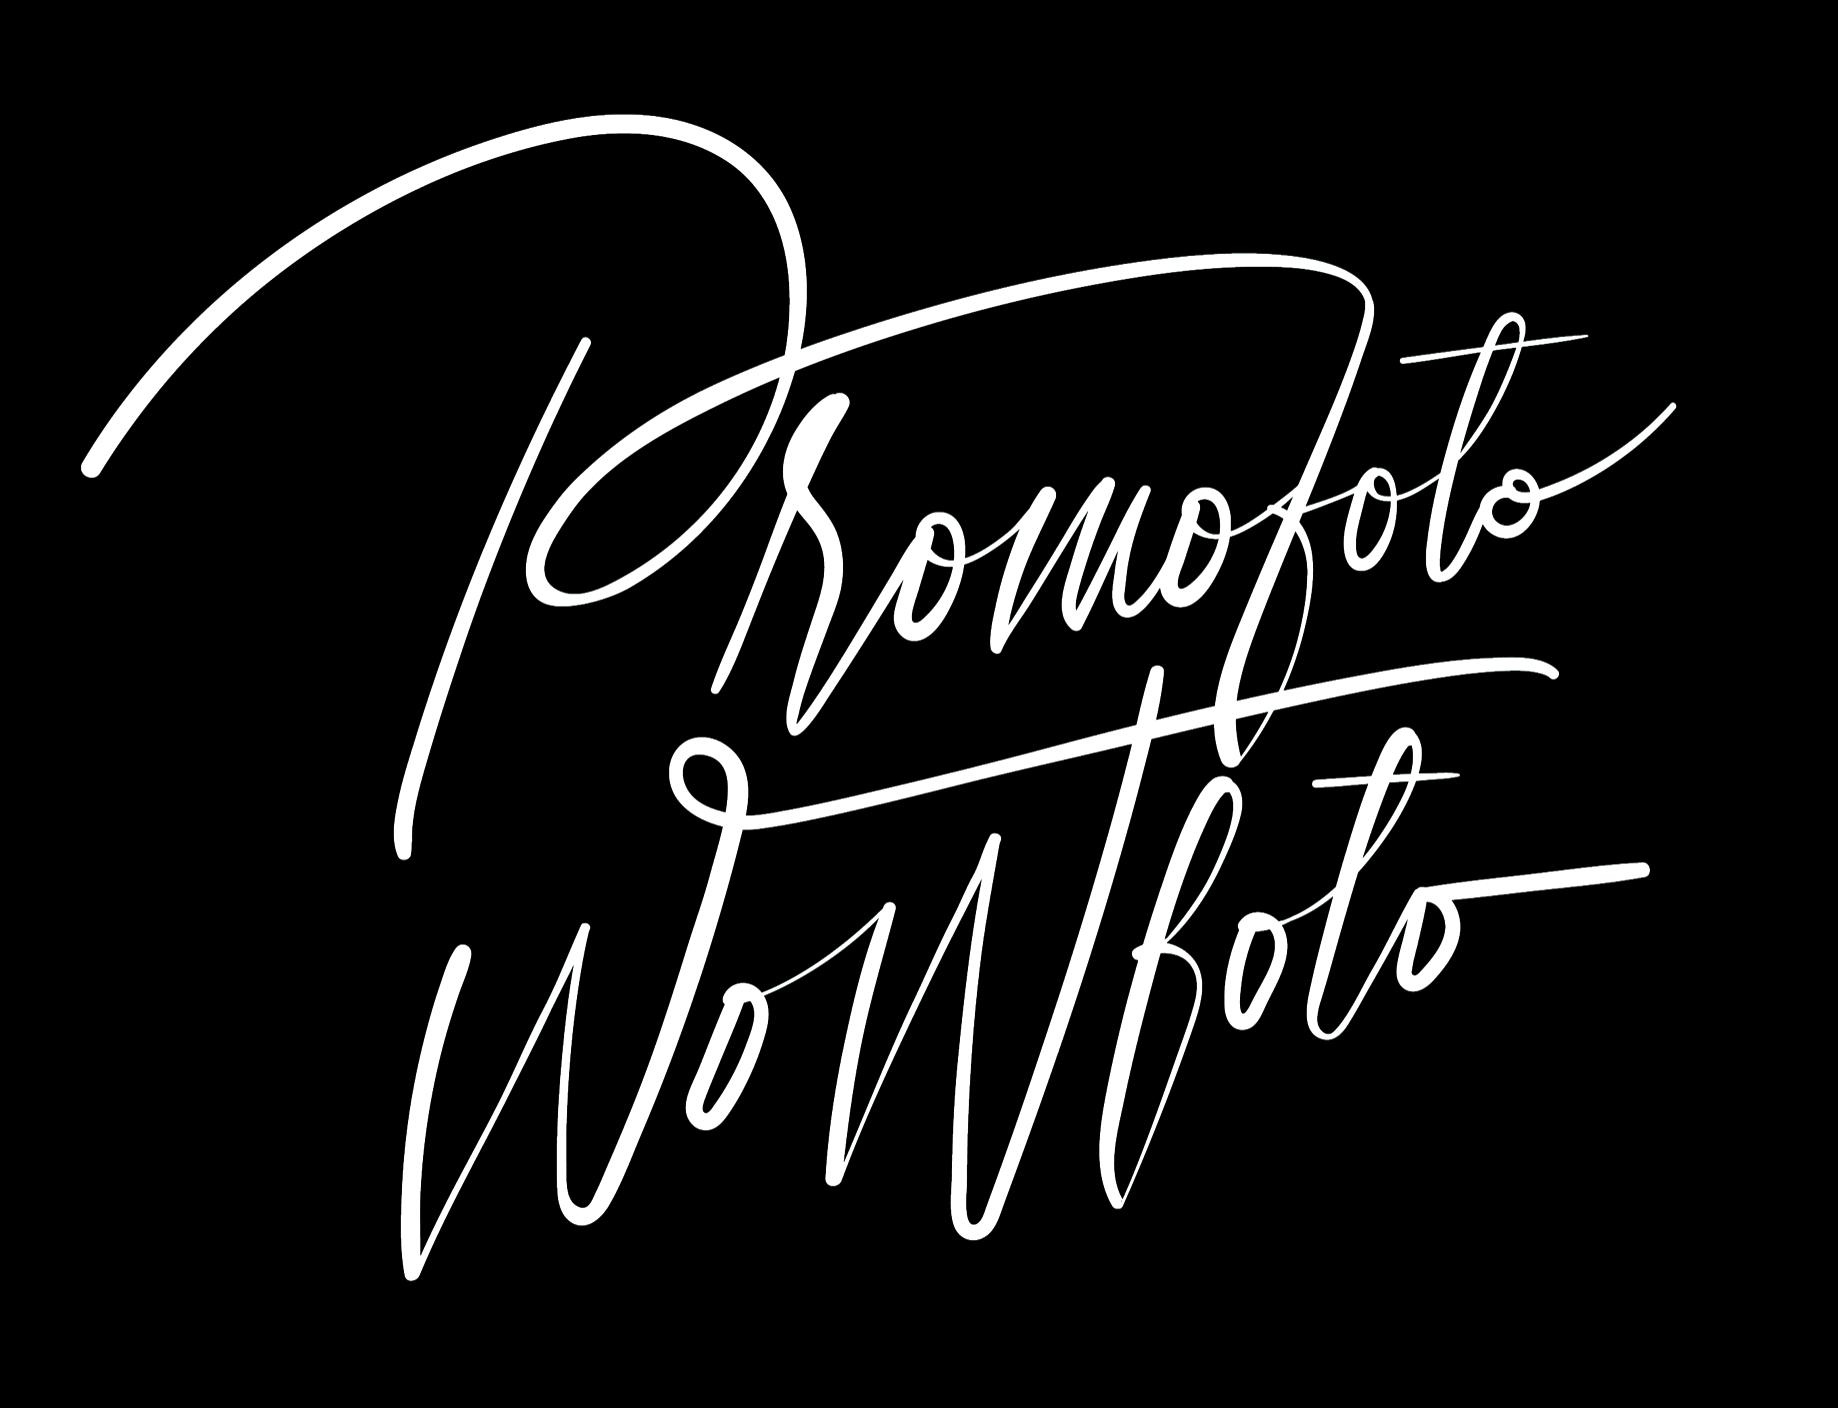 Wowfoto Promofoto